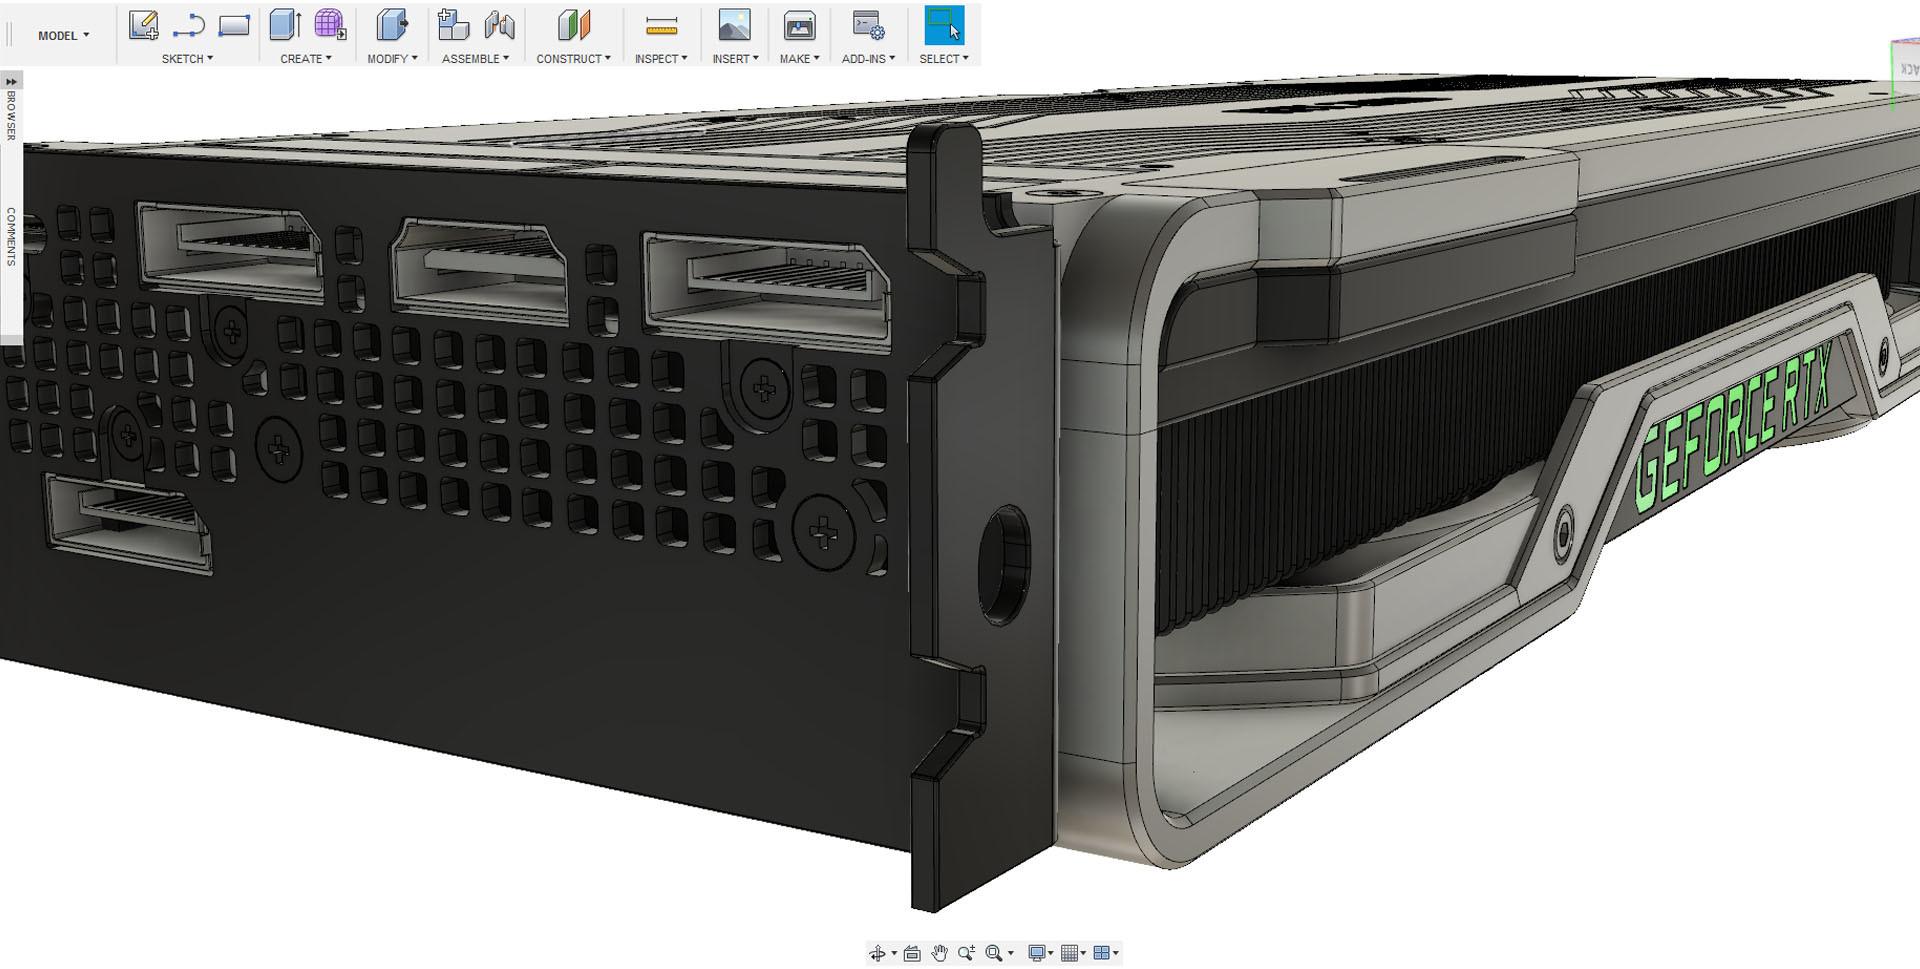 ArtStation - Nvidia Geforce RTX 2080 Product Configurator